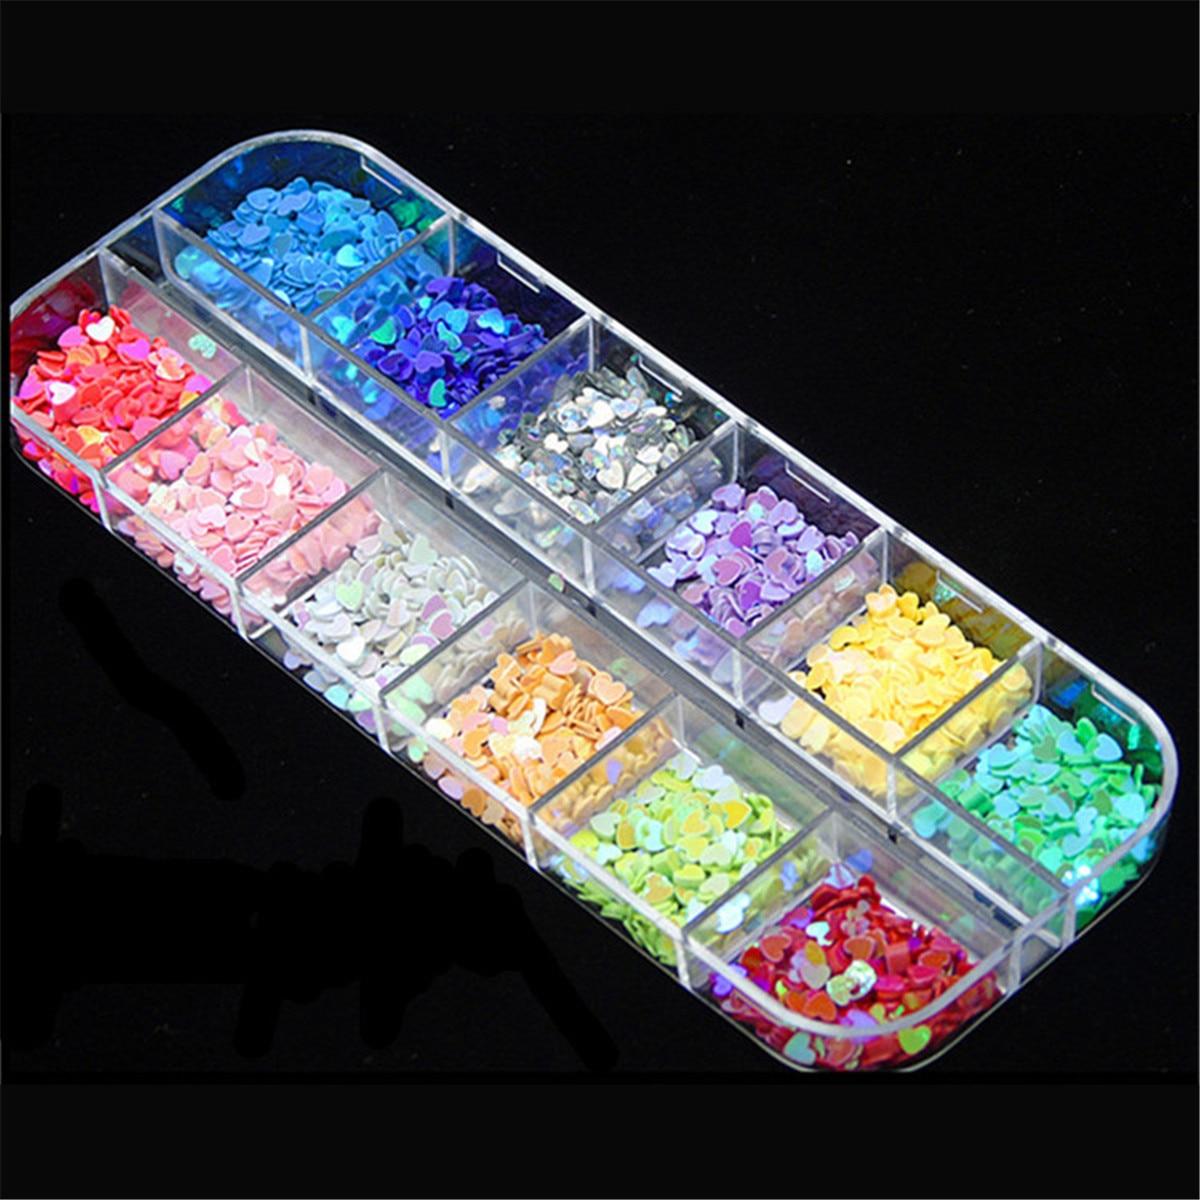 Las uñas Paillette de brillo lentejuelas amor corazón diamante uñas artísticas confeti ocasión artesanía de accesorios de decoración 12 de la caja de Color